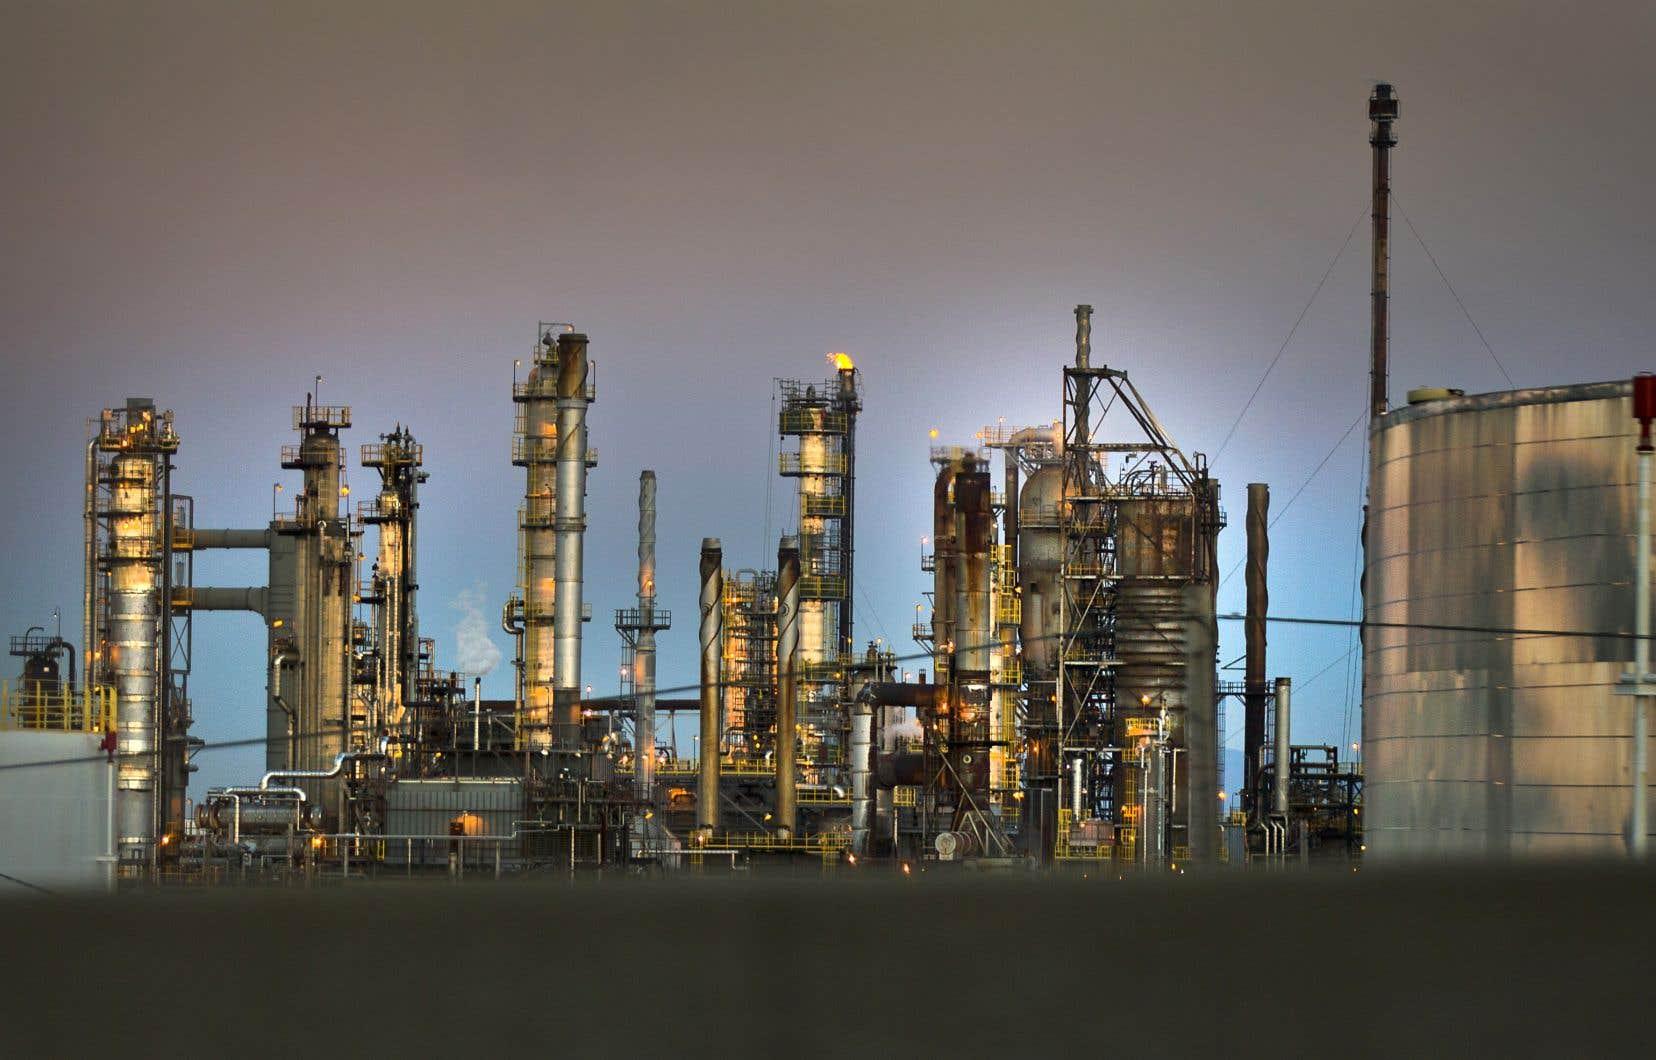 À l'heure actuelle, des groupes environnementaux et plusieurs regroupements citoyens s'opposent en bloc aux projets pétroliers et gaziers dans la province.